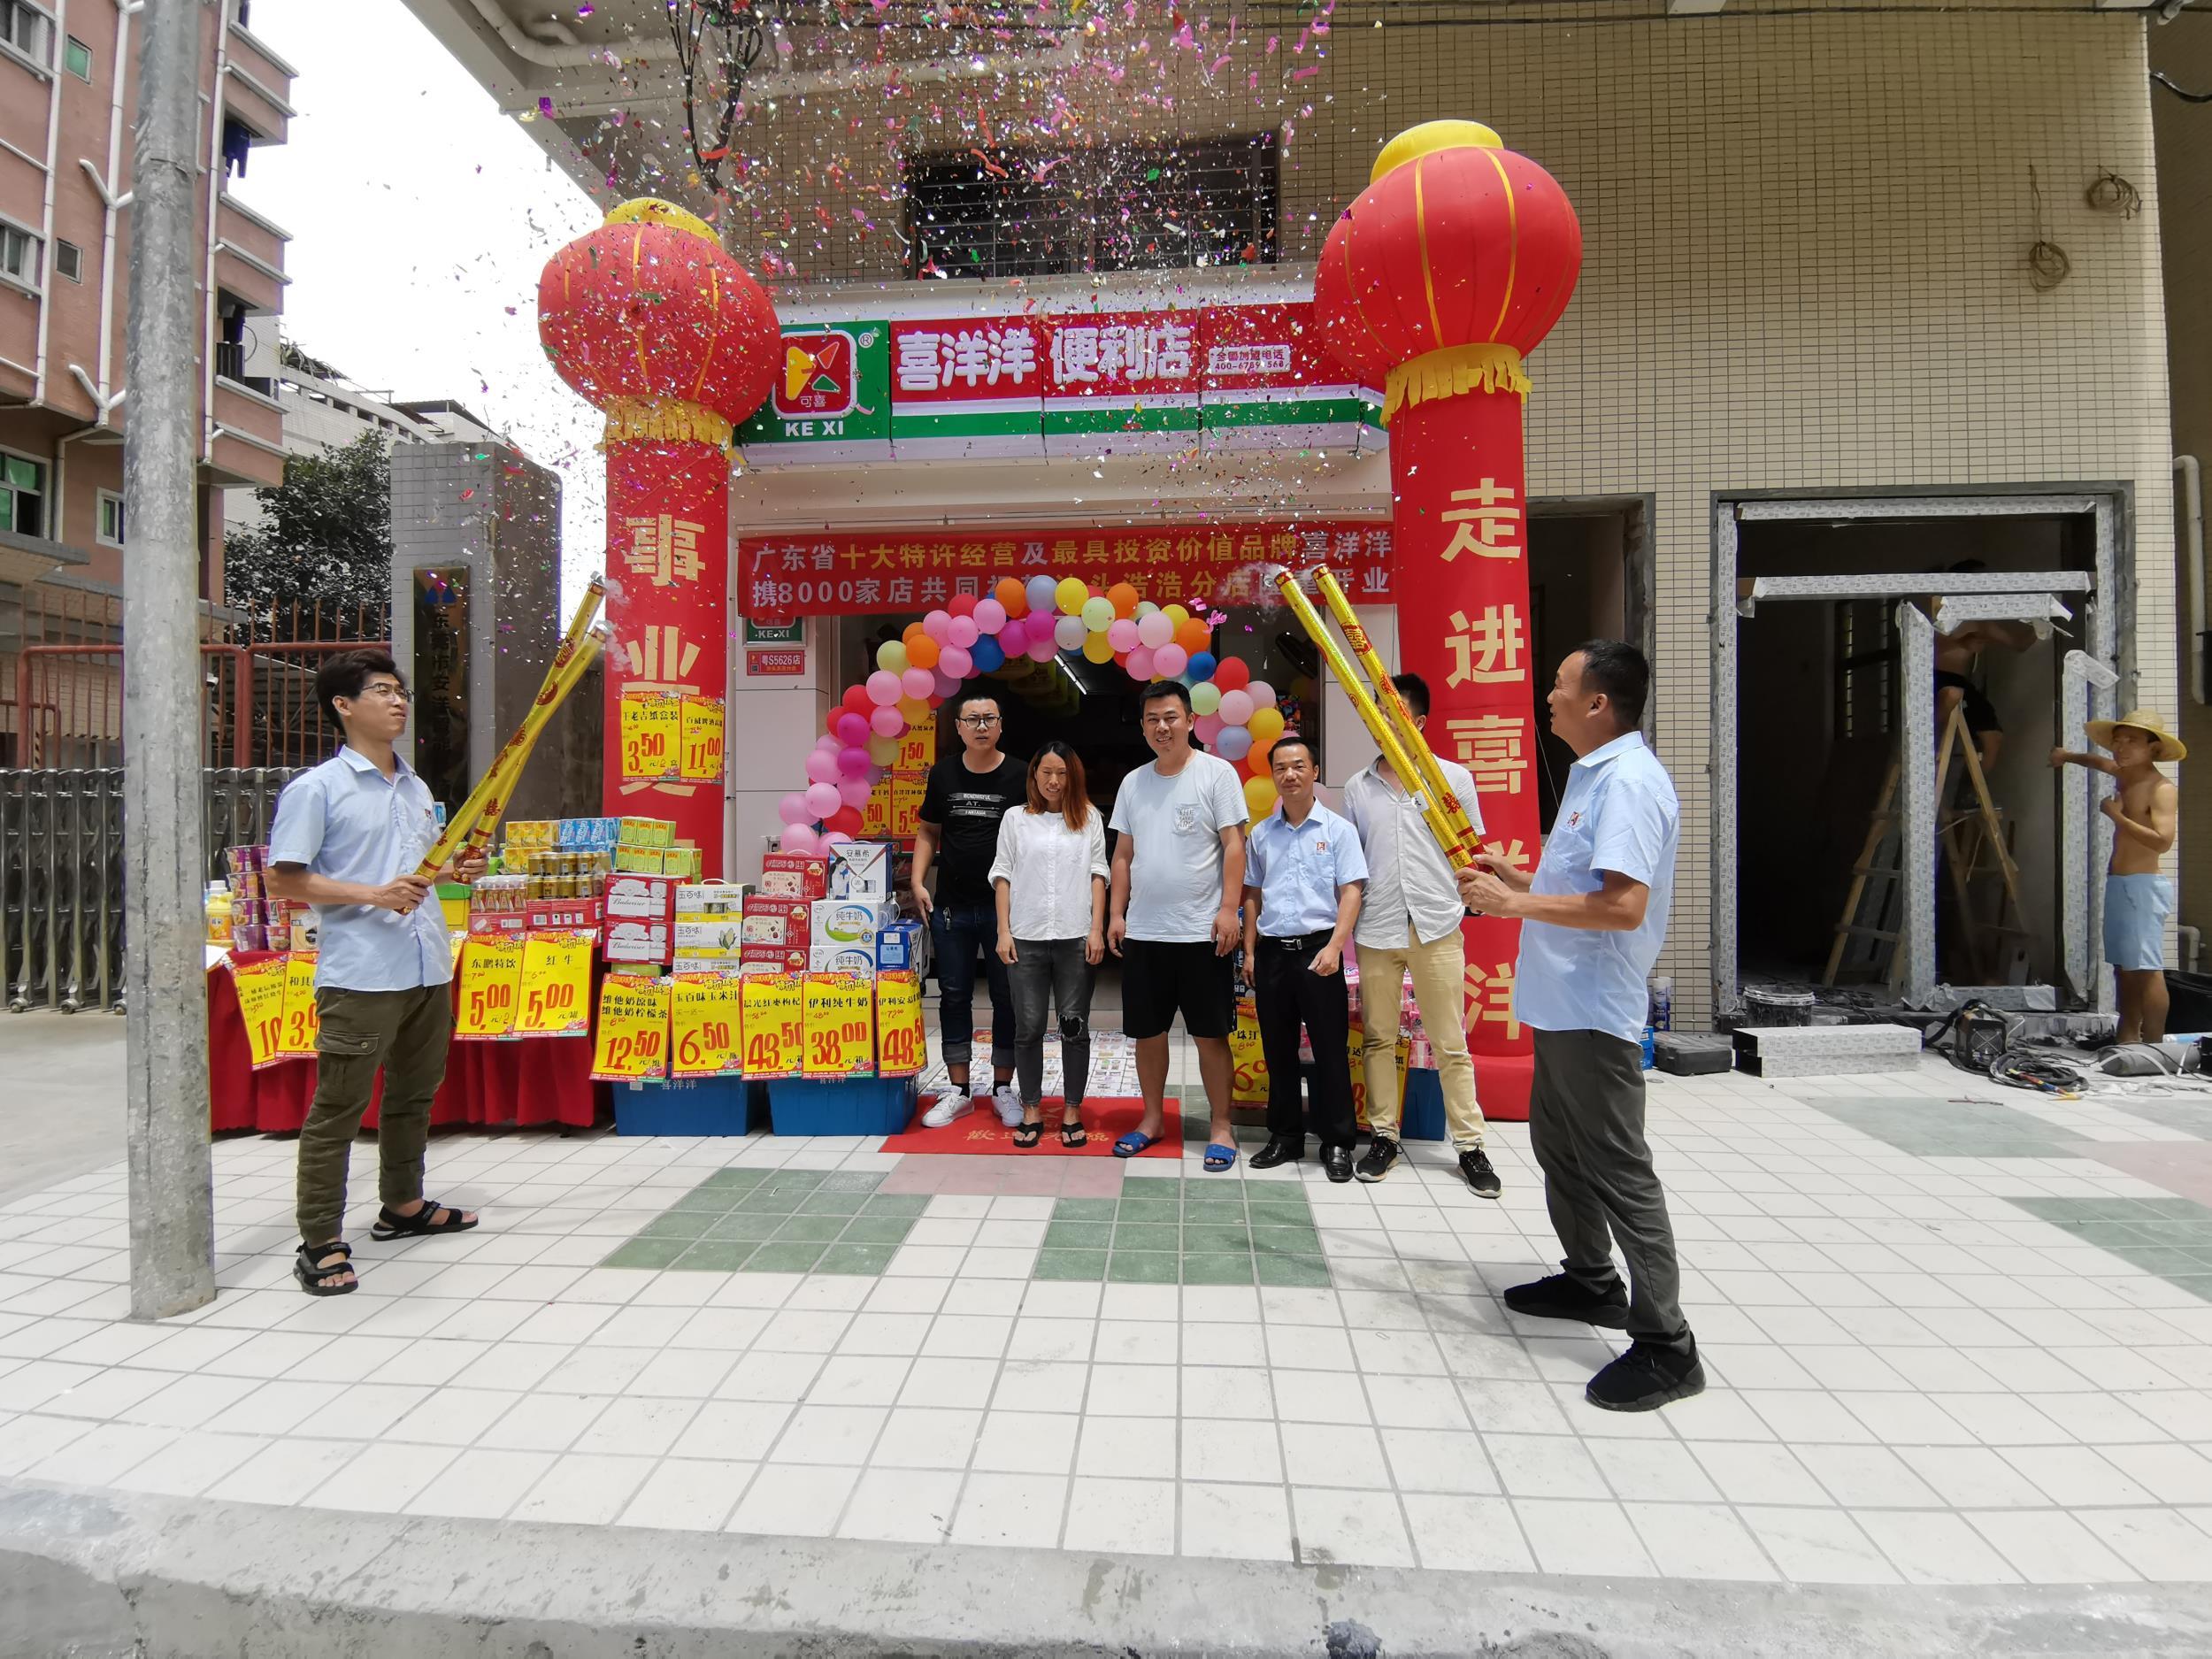 热烈祝贺喜洋洋6月22日又迎来新店开业:沙头浩浩分店